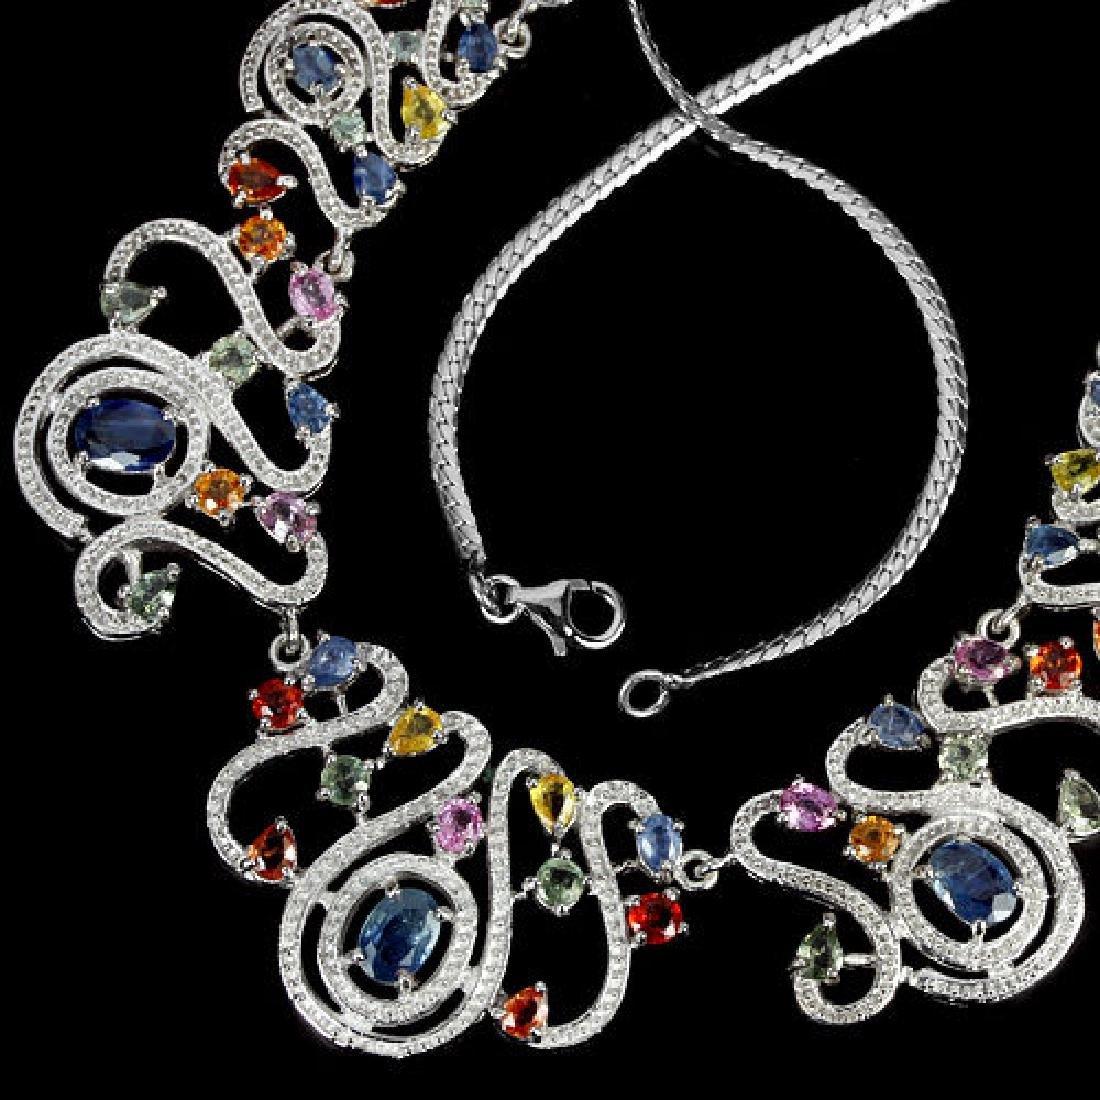 Natural Fancy Color Sapphire 179 Carats Neckace - 3